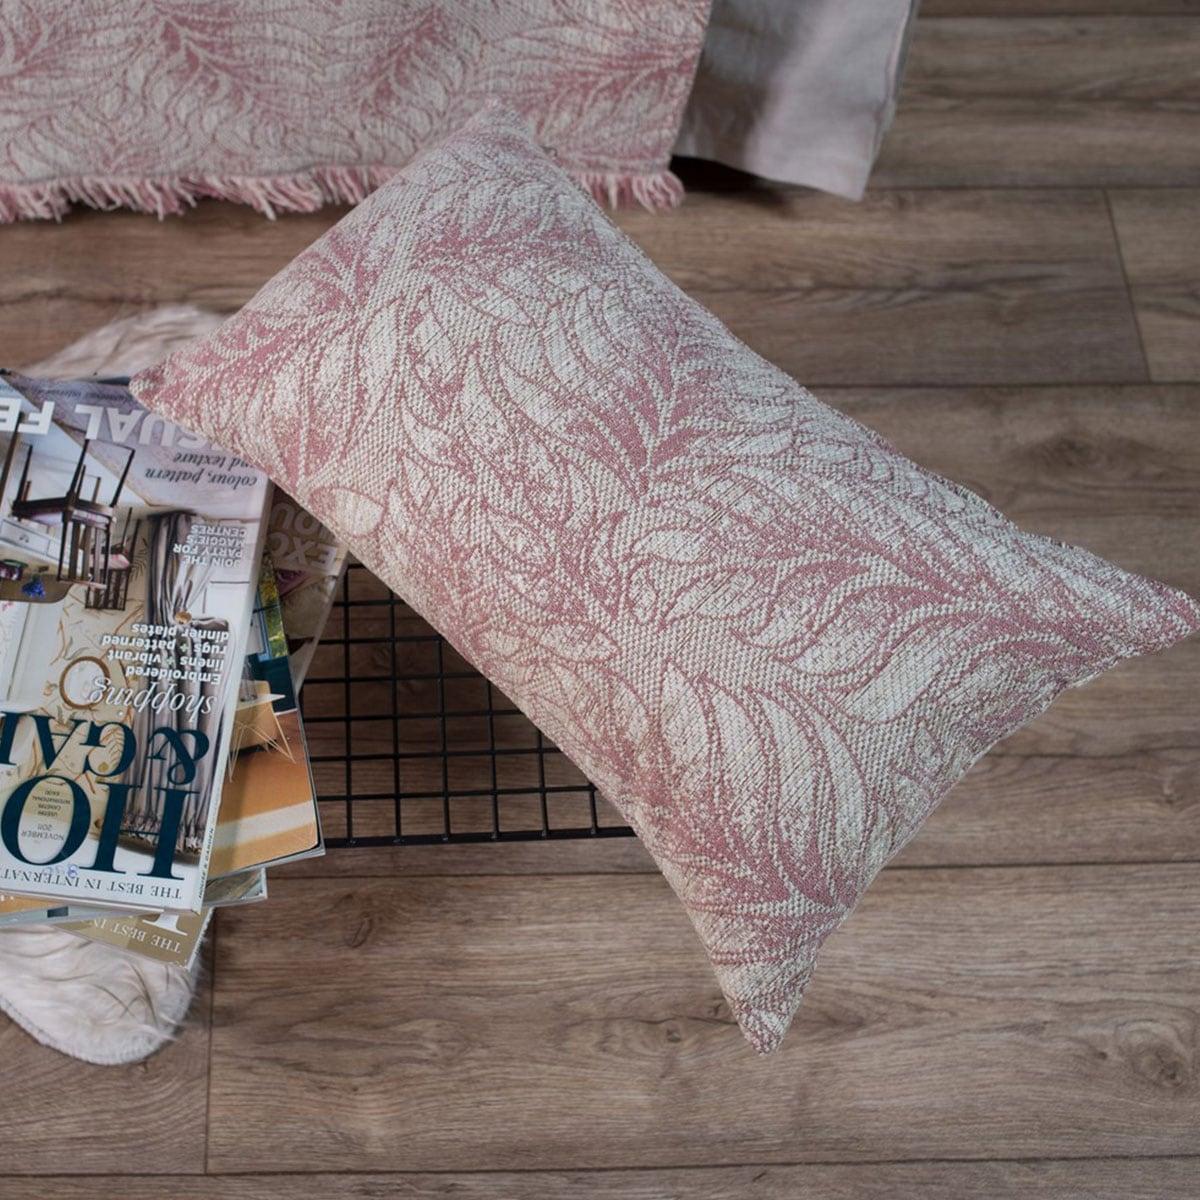 Μαξιλαροθήκη Διακοσμητική Illinois 12 Rose Teoran 30Χ50 Ακρυλικό-Polyester